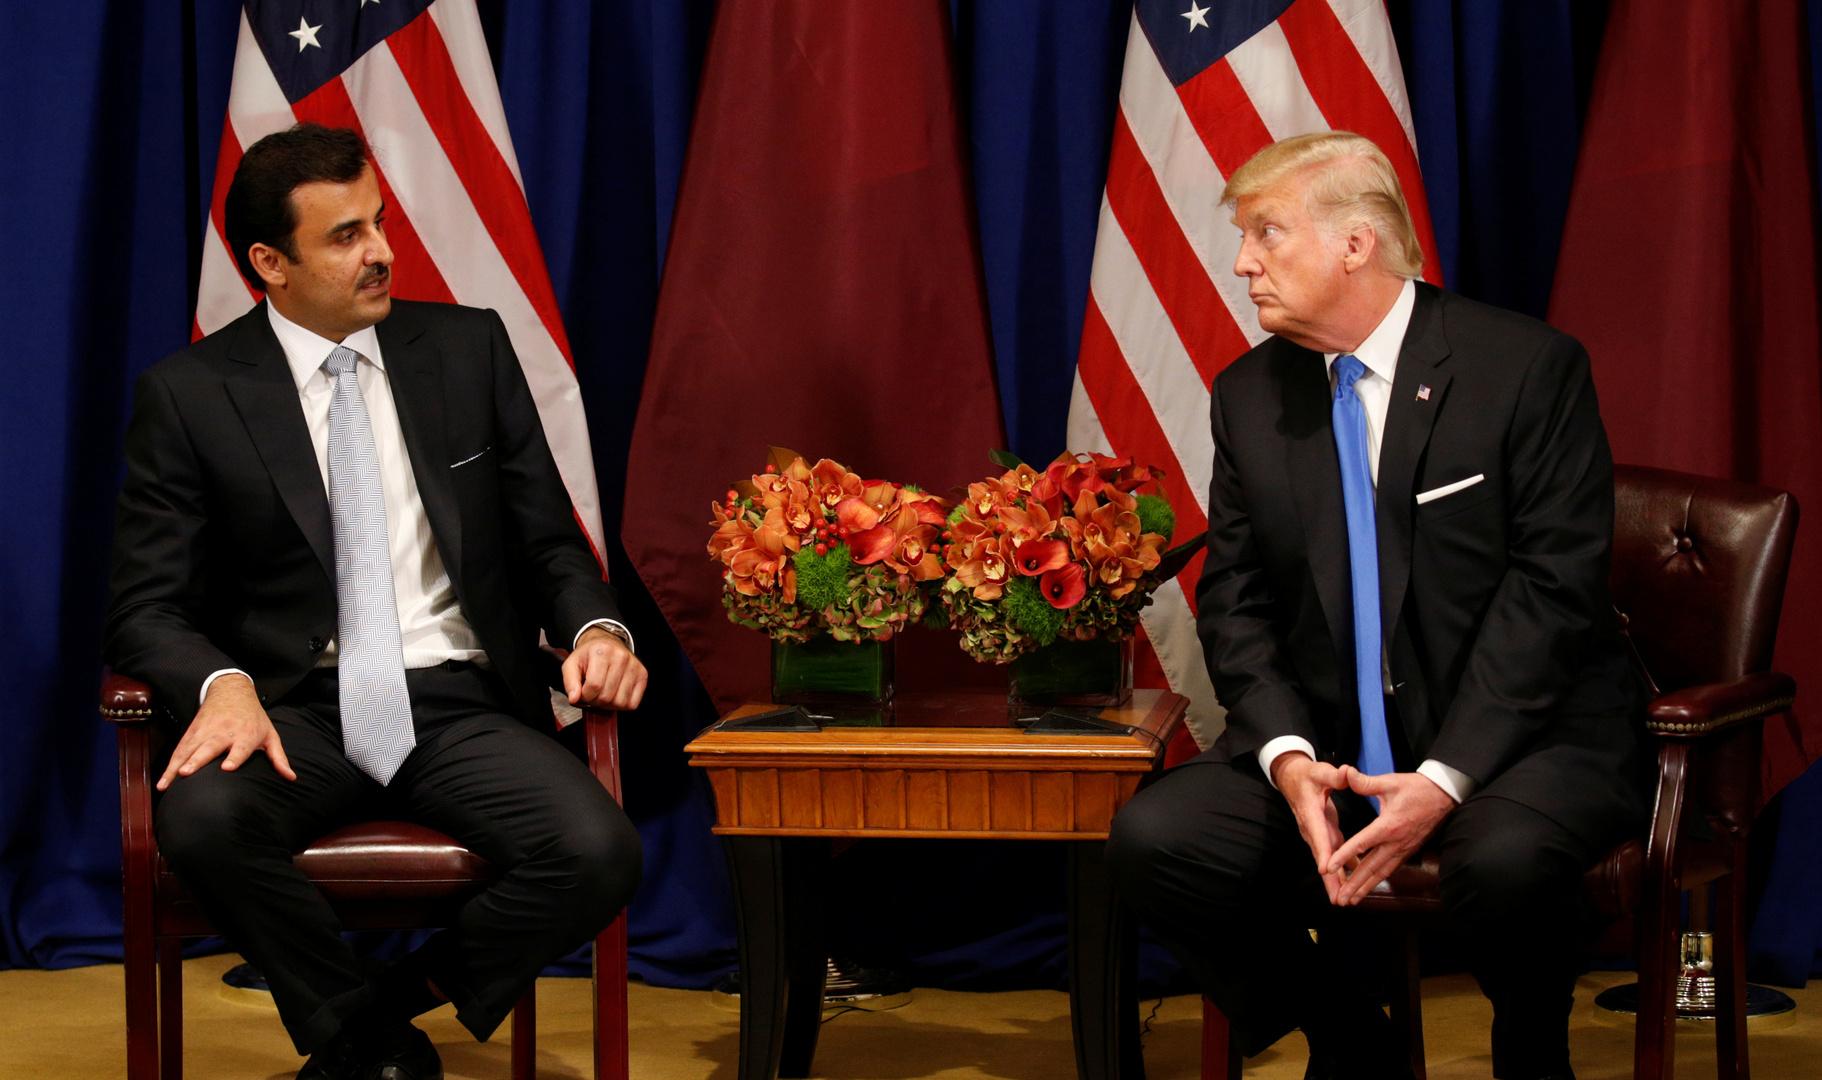 أمير قطر يوجه رسالة لترامب على خلفية هجوم القاعدة الأمريكية